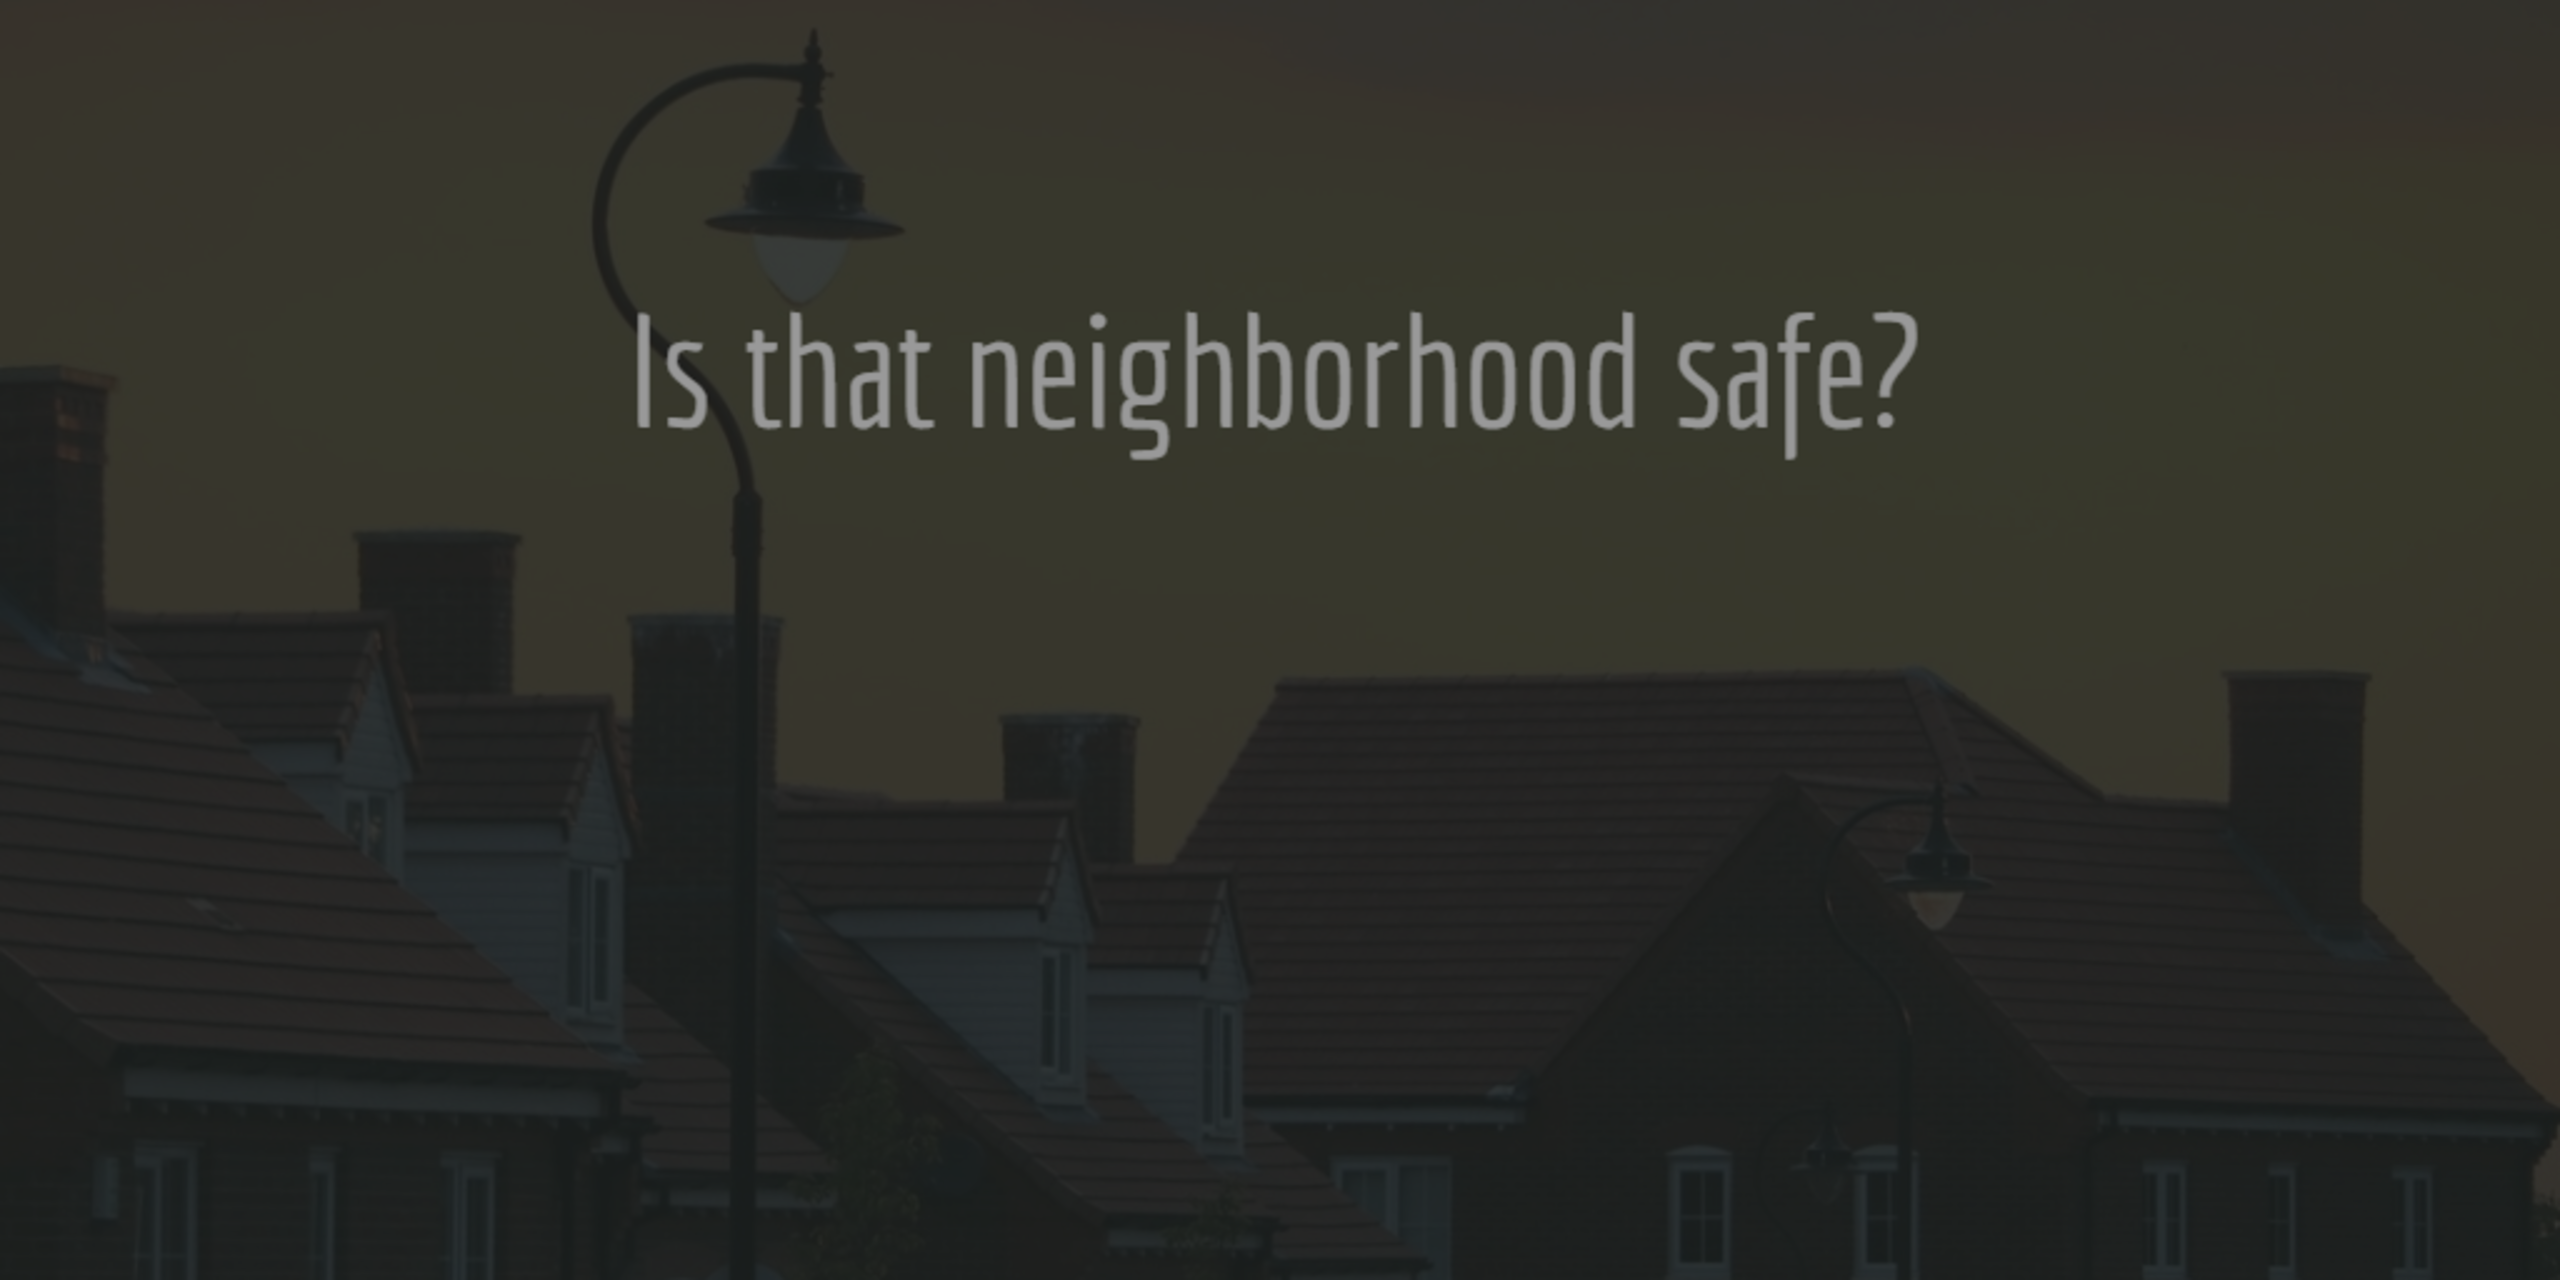 How Safe is the Neighborhood?